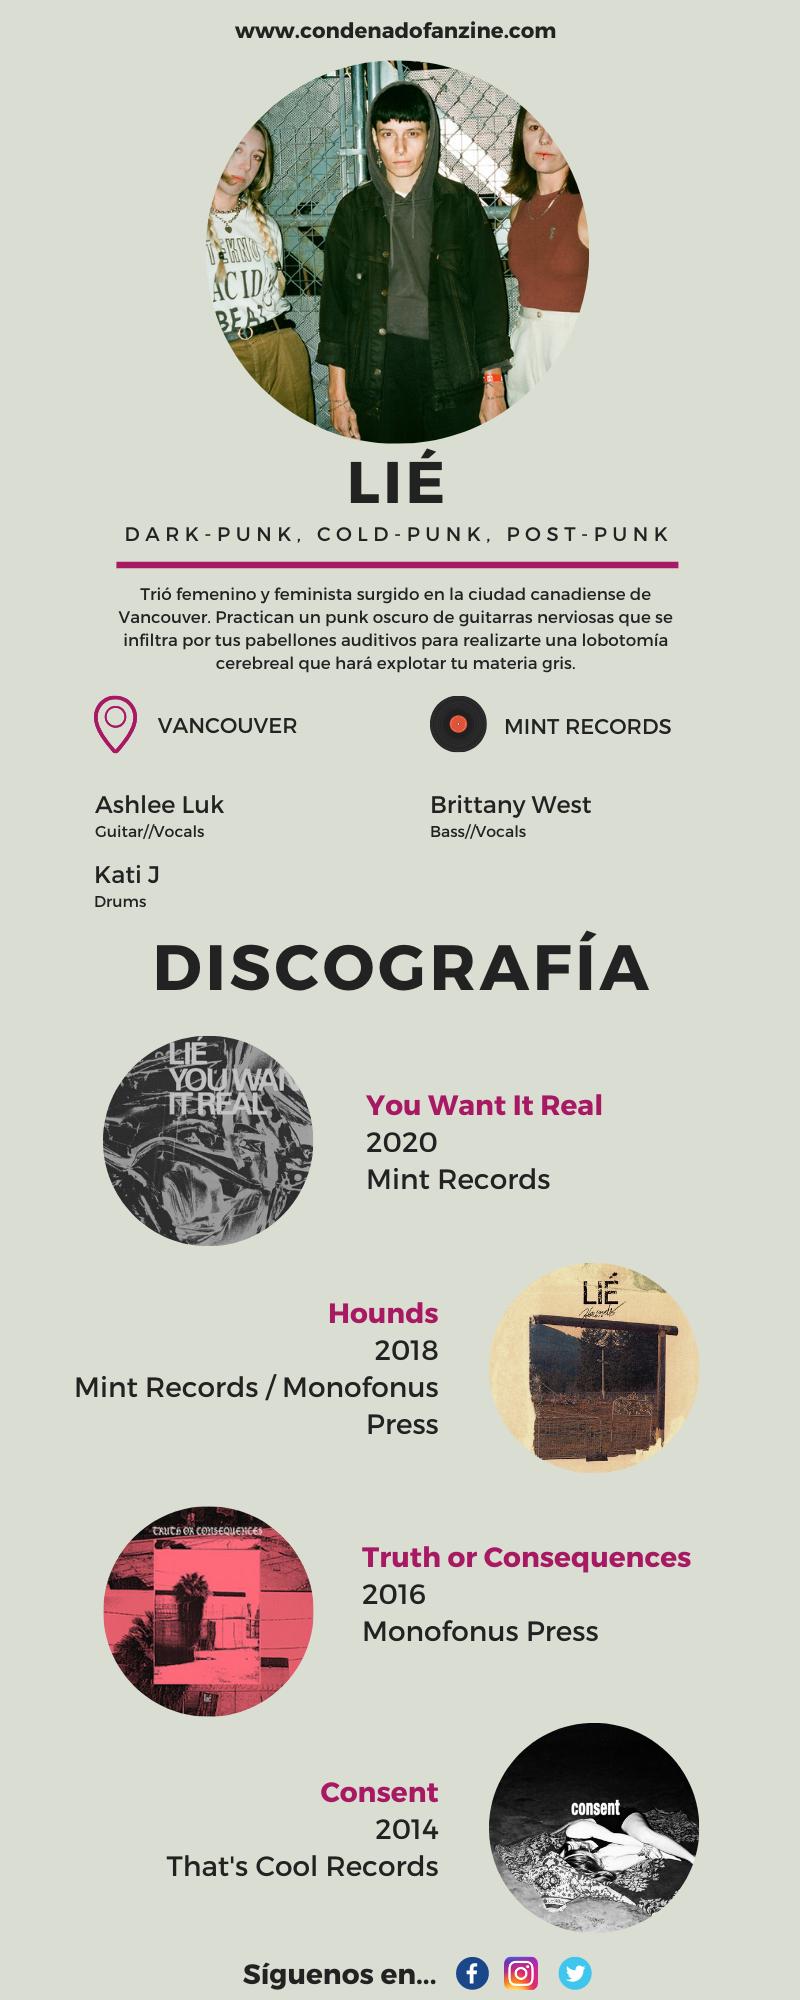 Infografía con la discografía de Lié, grupo dark & post-punk de Vancouver